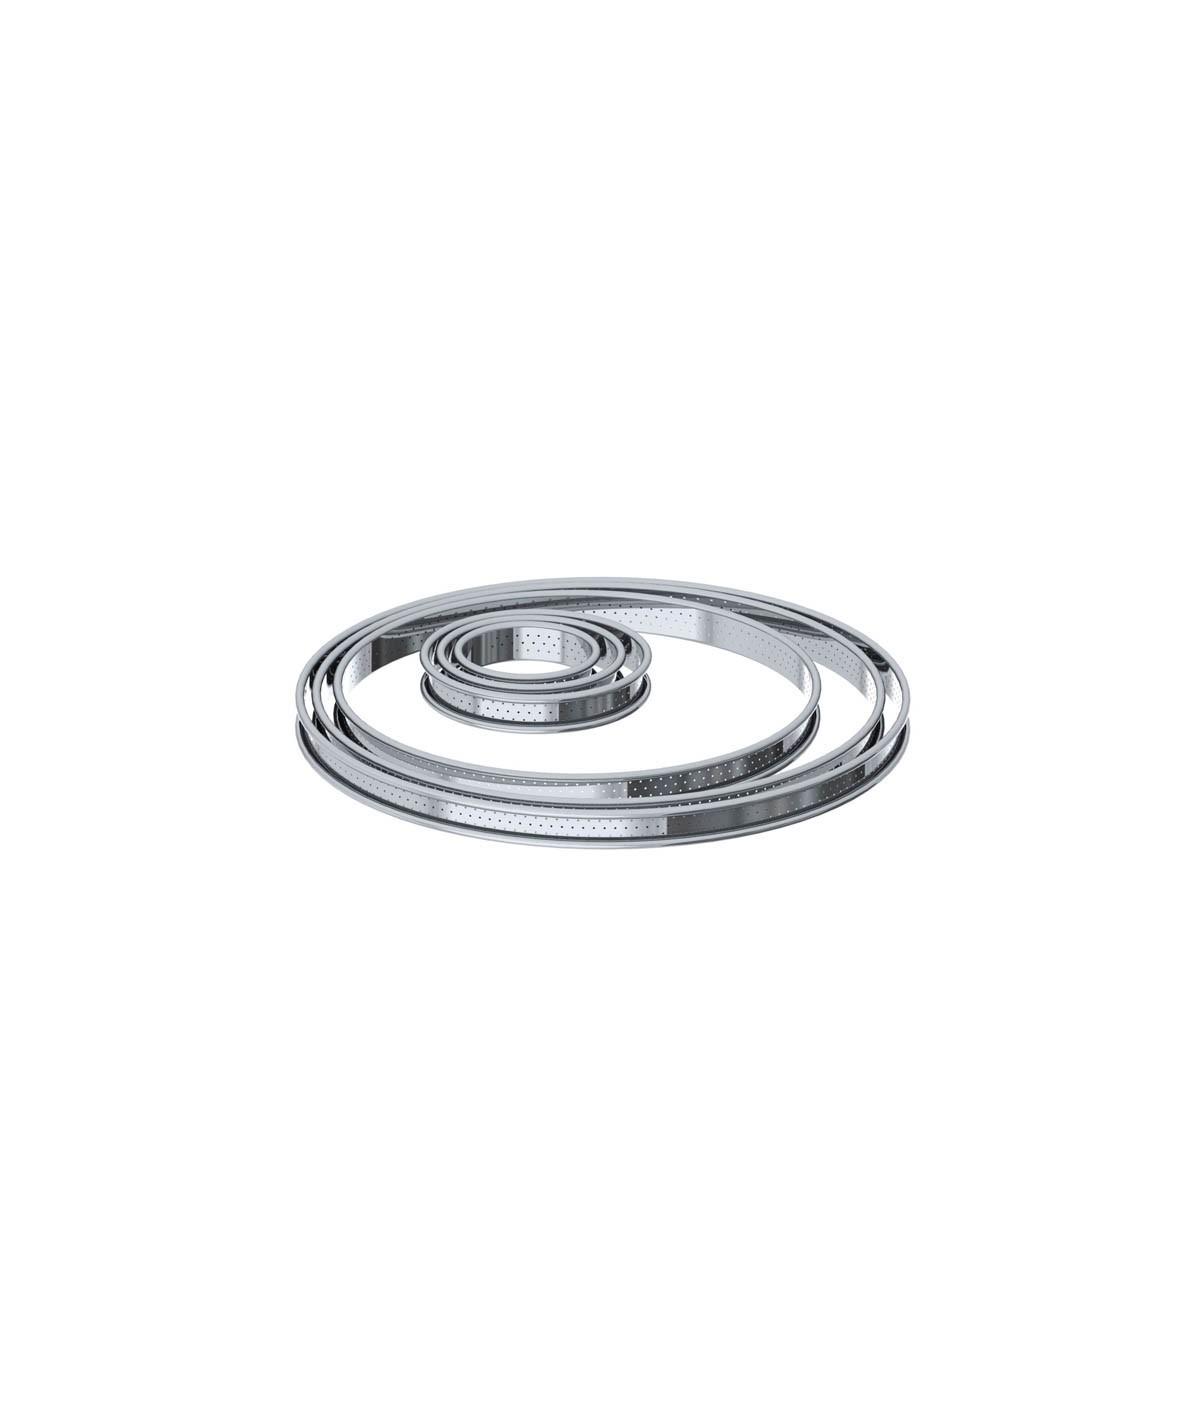 De Buyer - Cercle à tarte perforé rond en inox (H 2cm)